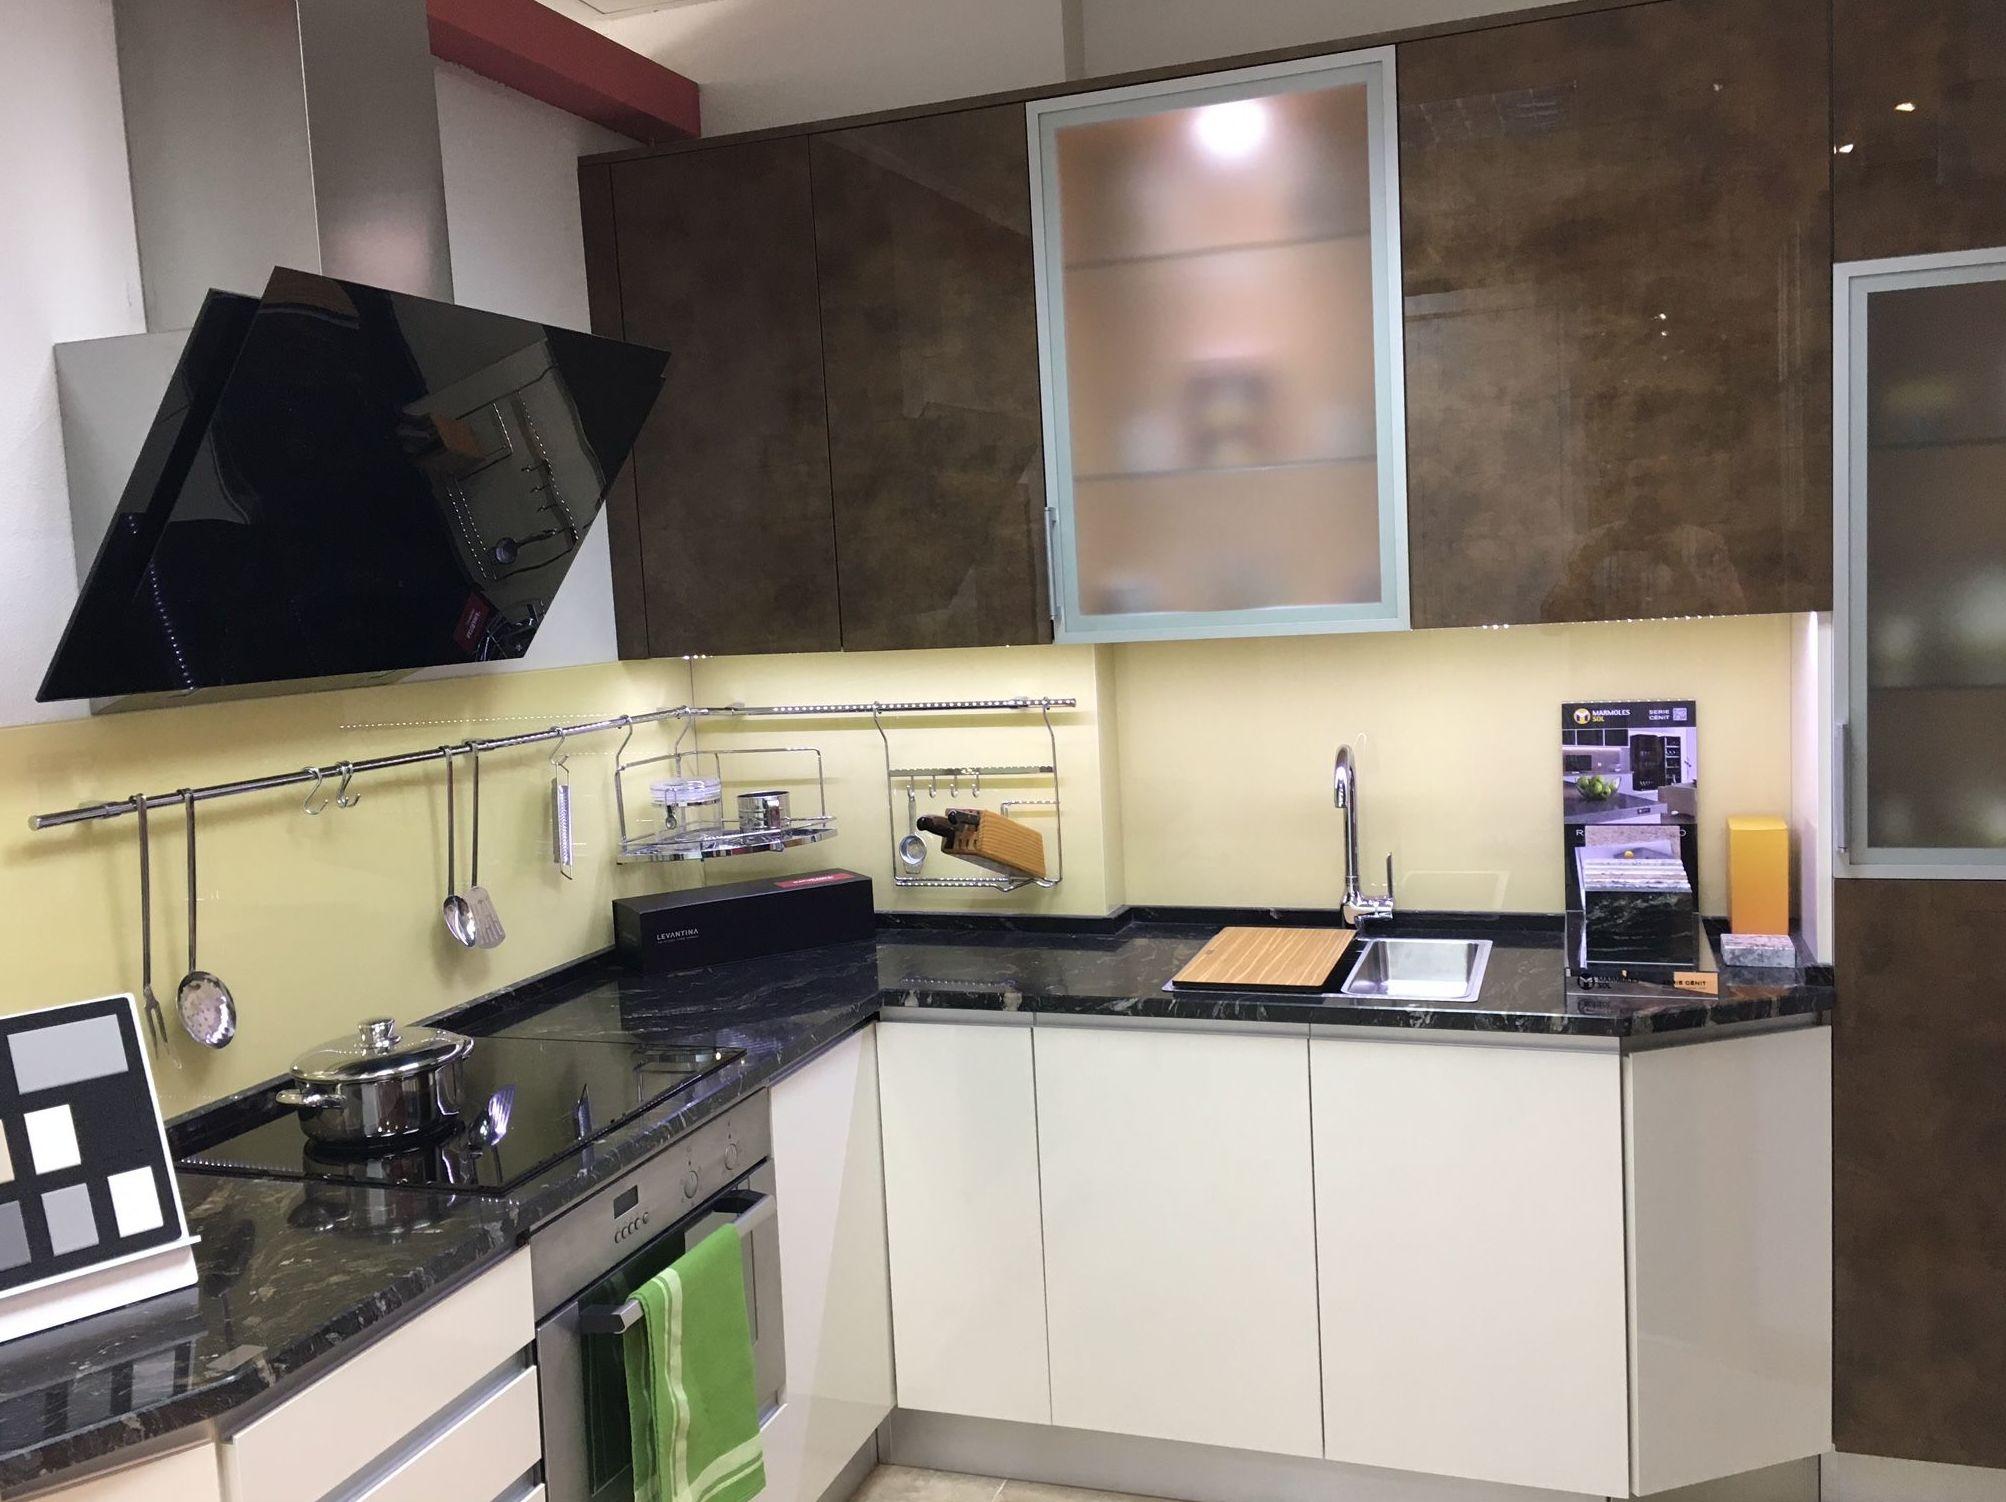 Foto 29 de Muebles de baño y cocina en Madrid | Atrezzo Cocina y Baño